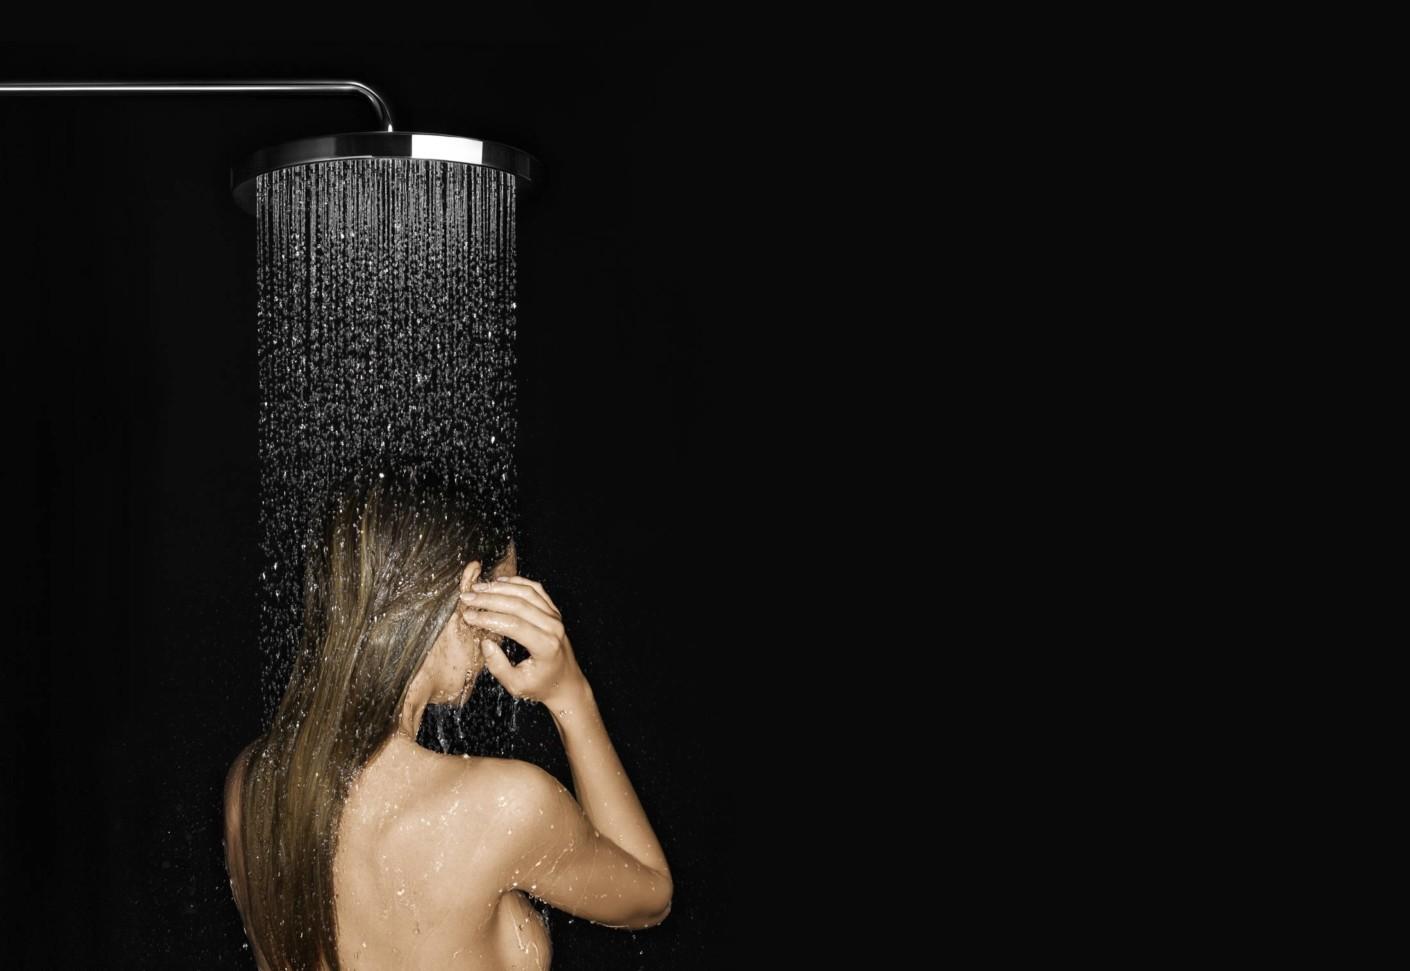 building an outdoor kitchen cabinet designs in india rain shower round by dornbracht | stylepark